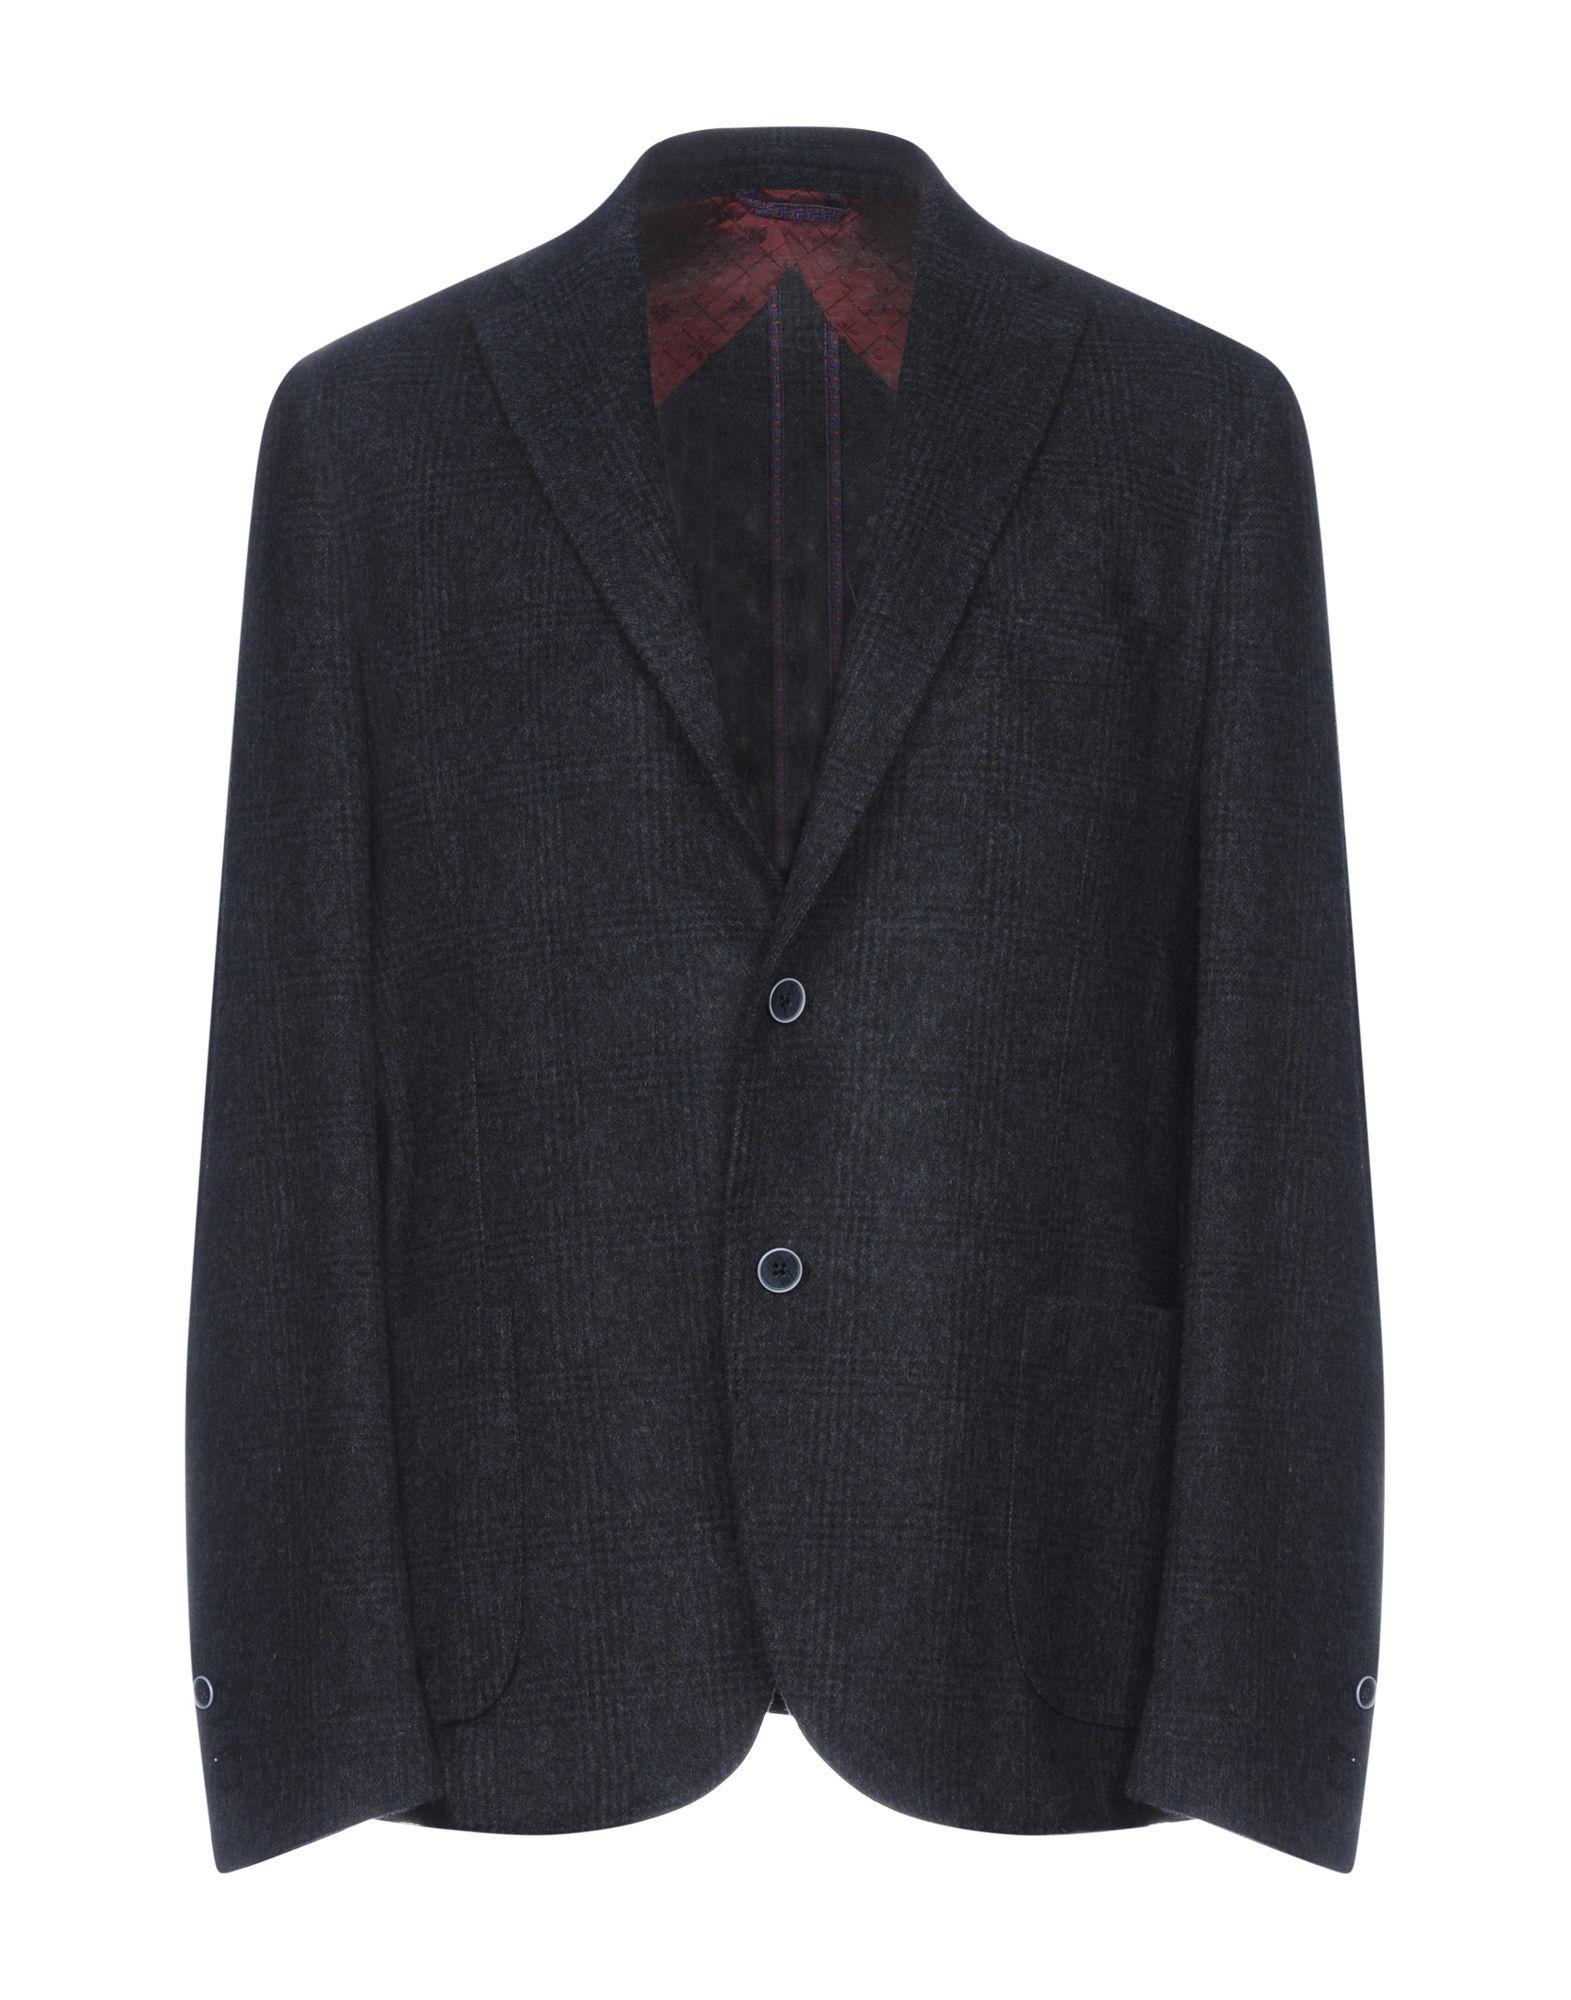 《送料無料》JERRY KEY メンズ テーラードジャケット 鉛色 56 ウール 65% / ポリエステル 30% / 指定外繊維 5%